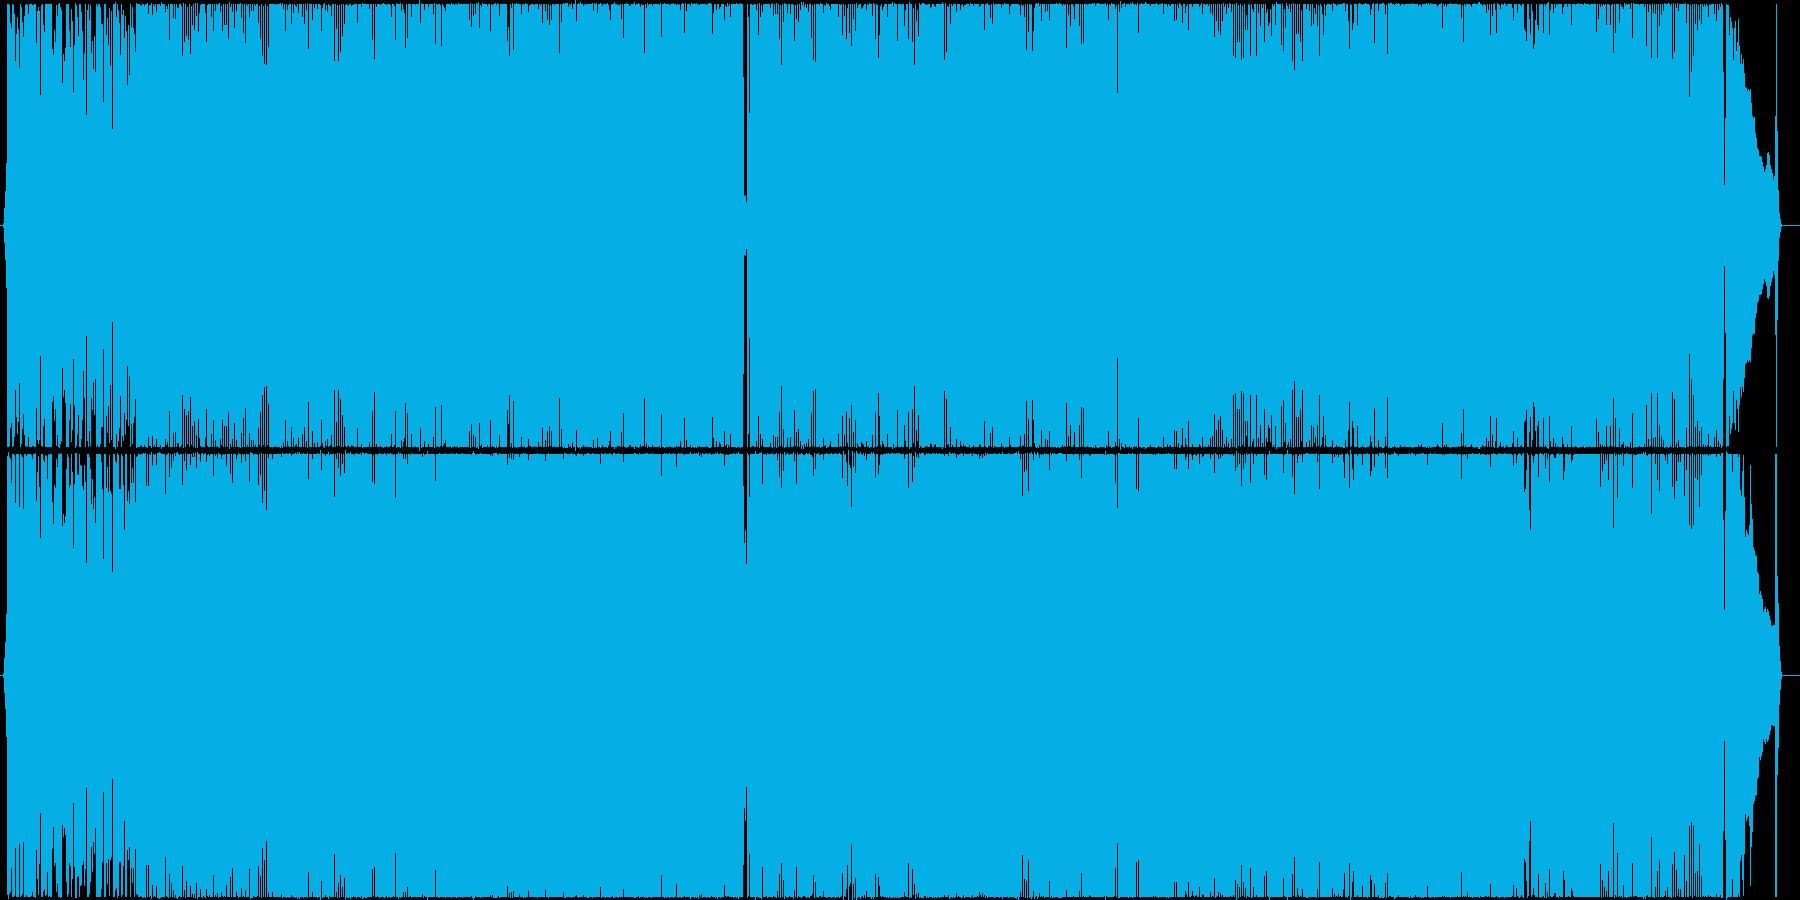 アコギメインの爽やかなポップスの再生済みの波形